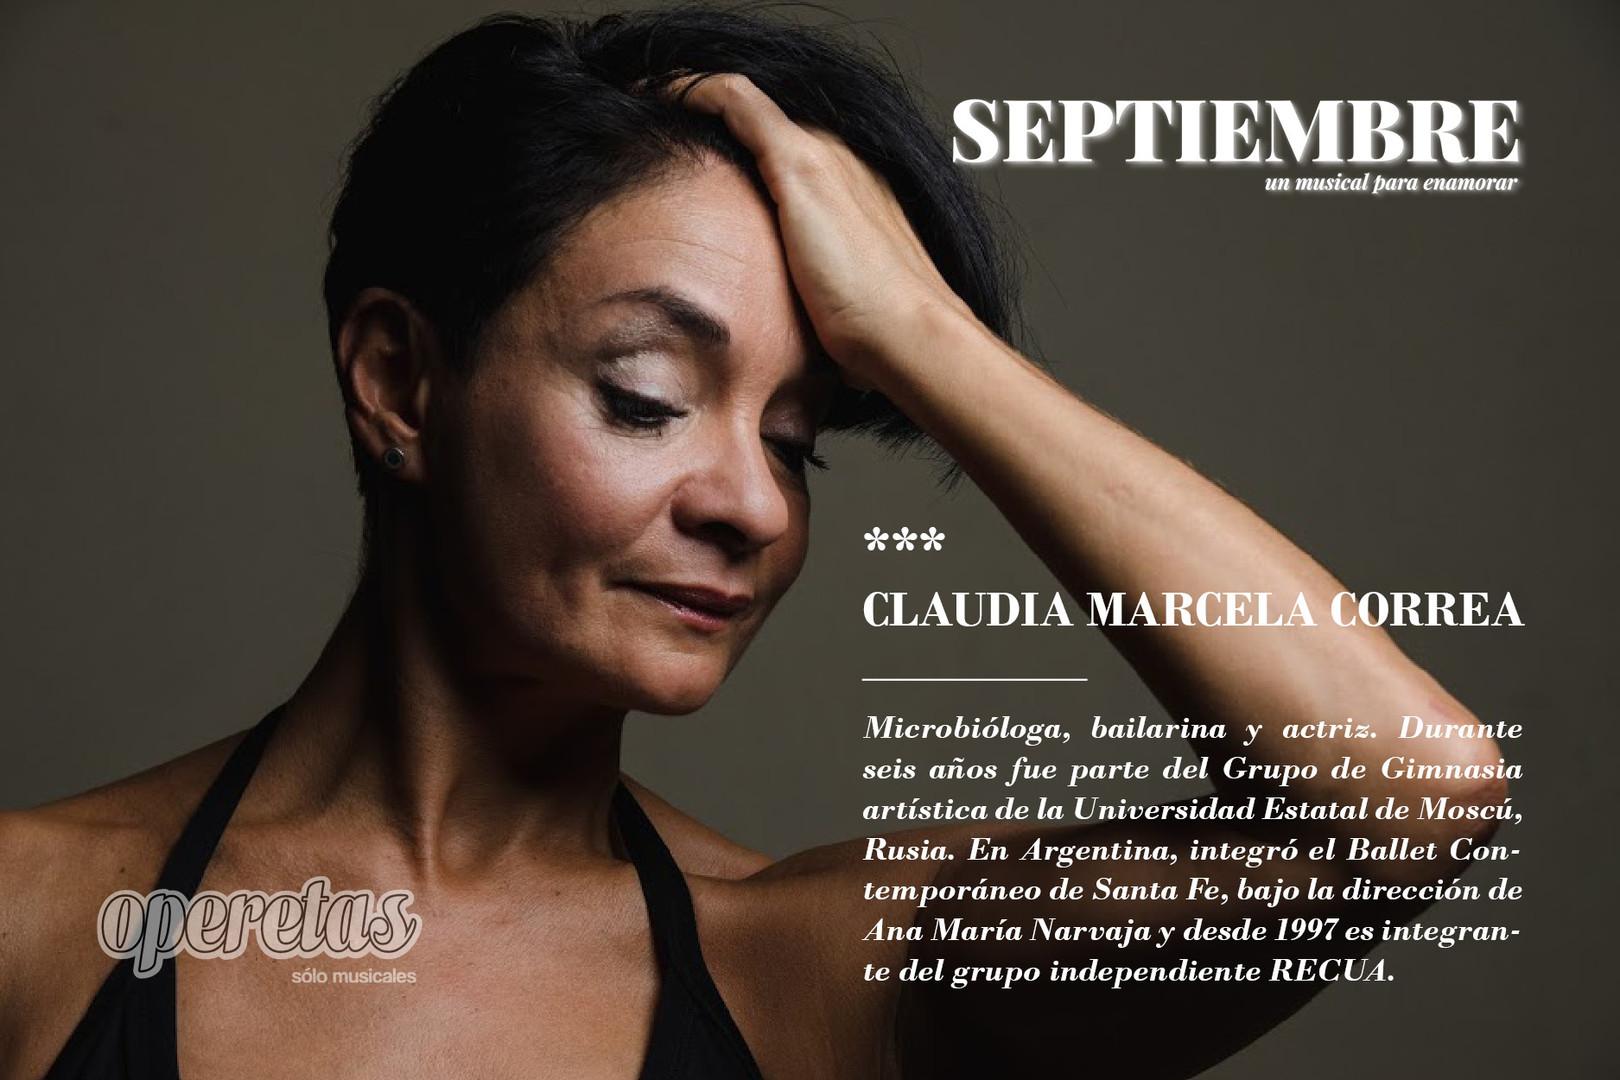 Claudia Marcela Correa